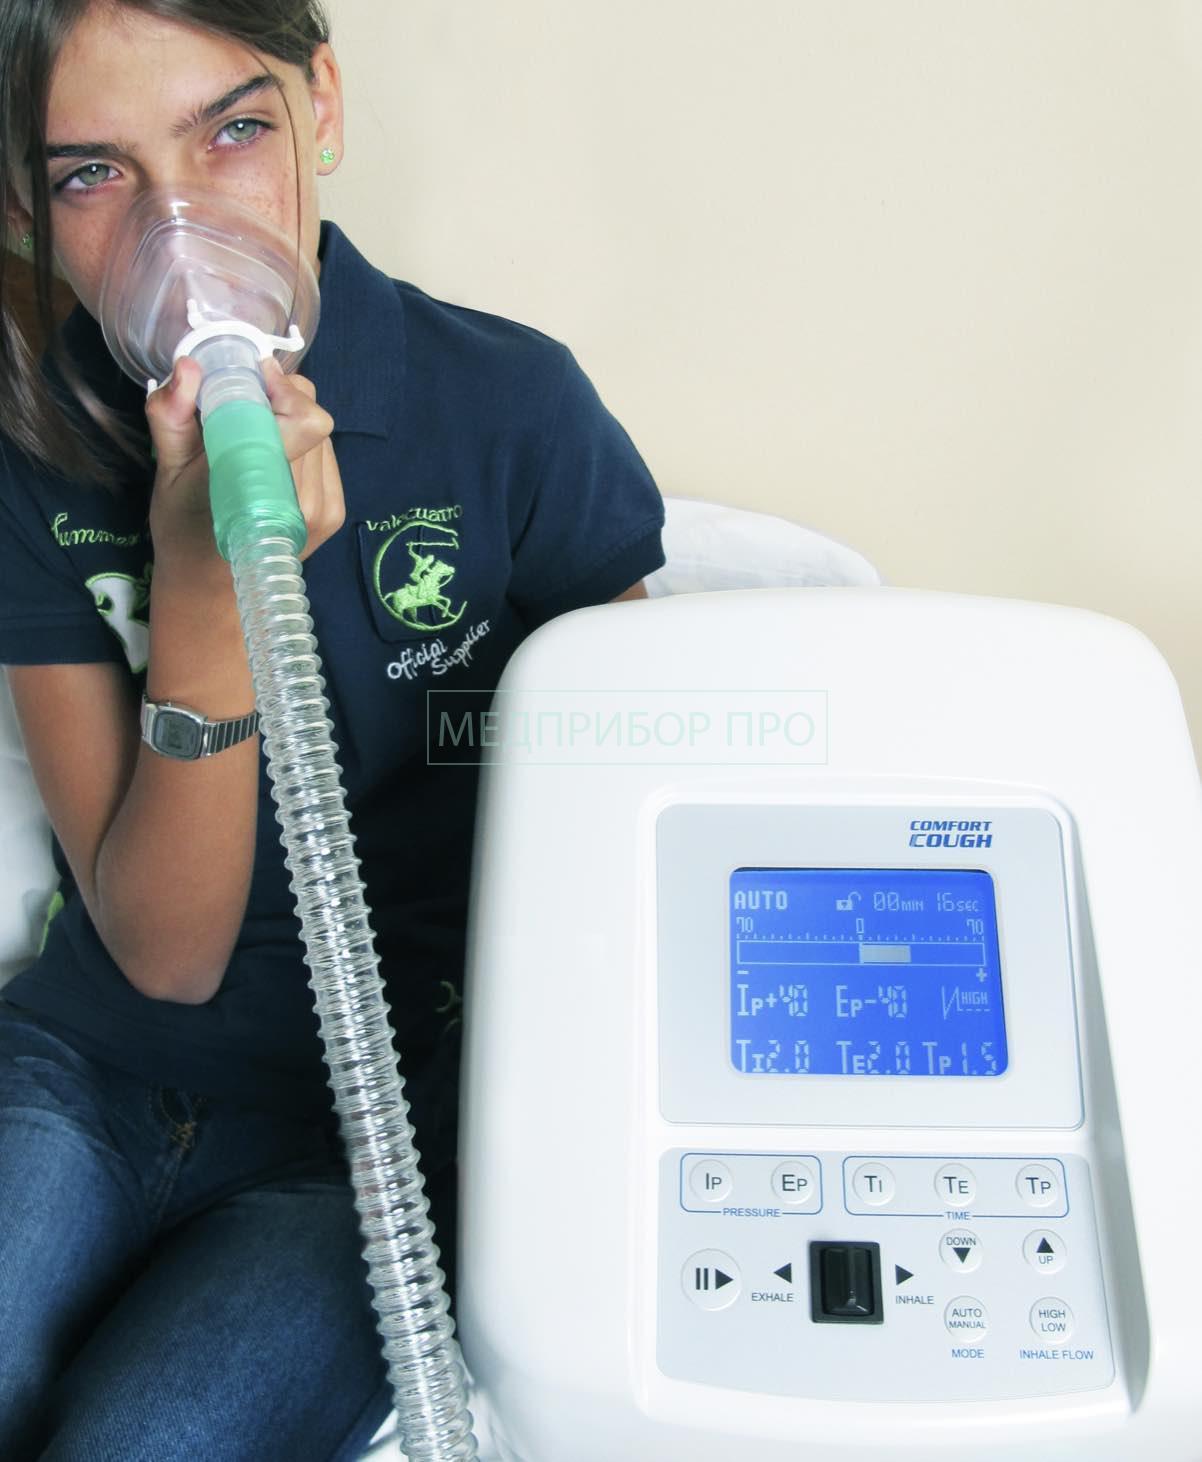 Аппараты для отведения мокроты из легких